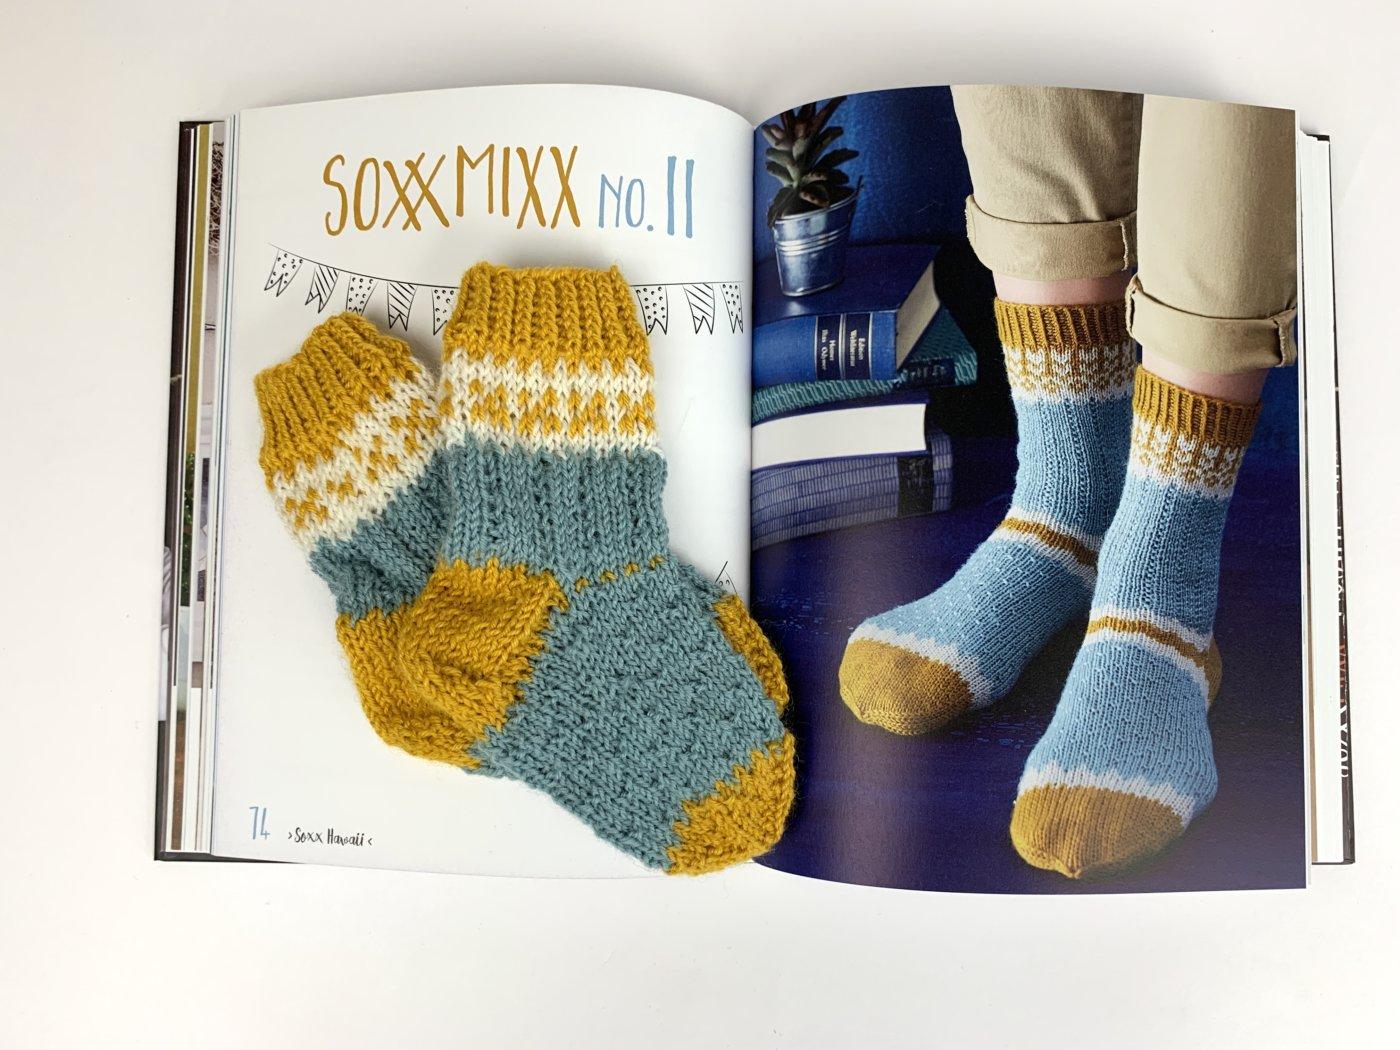 SoxxMixx - Ein Sockenpaar nach dem Muster von Soxx Nr.11